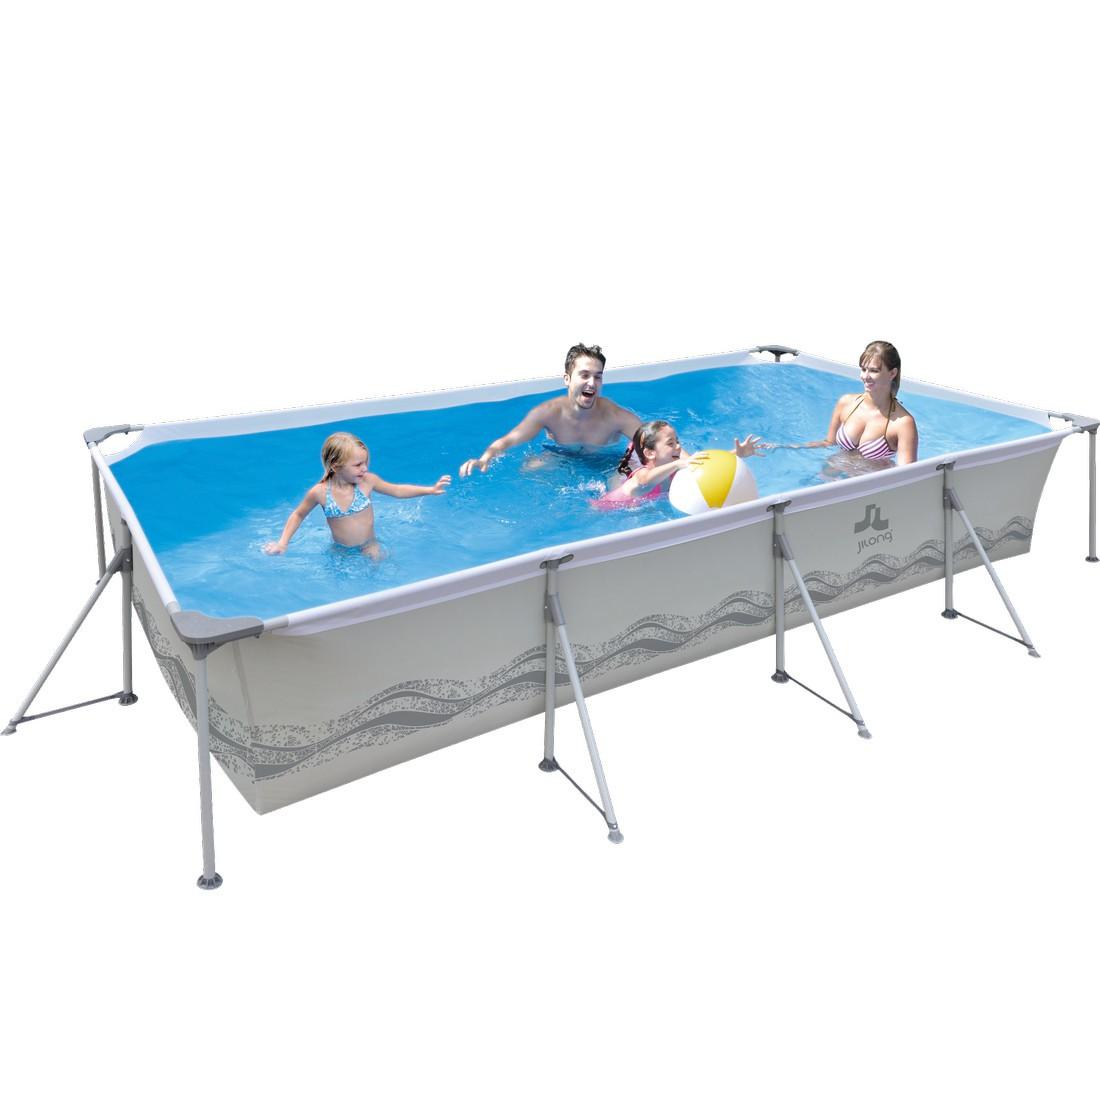 Achetez jilong passaat grey 300 piscine cadre en acier for Piscine rectangulaire acier